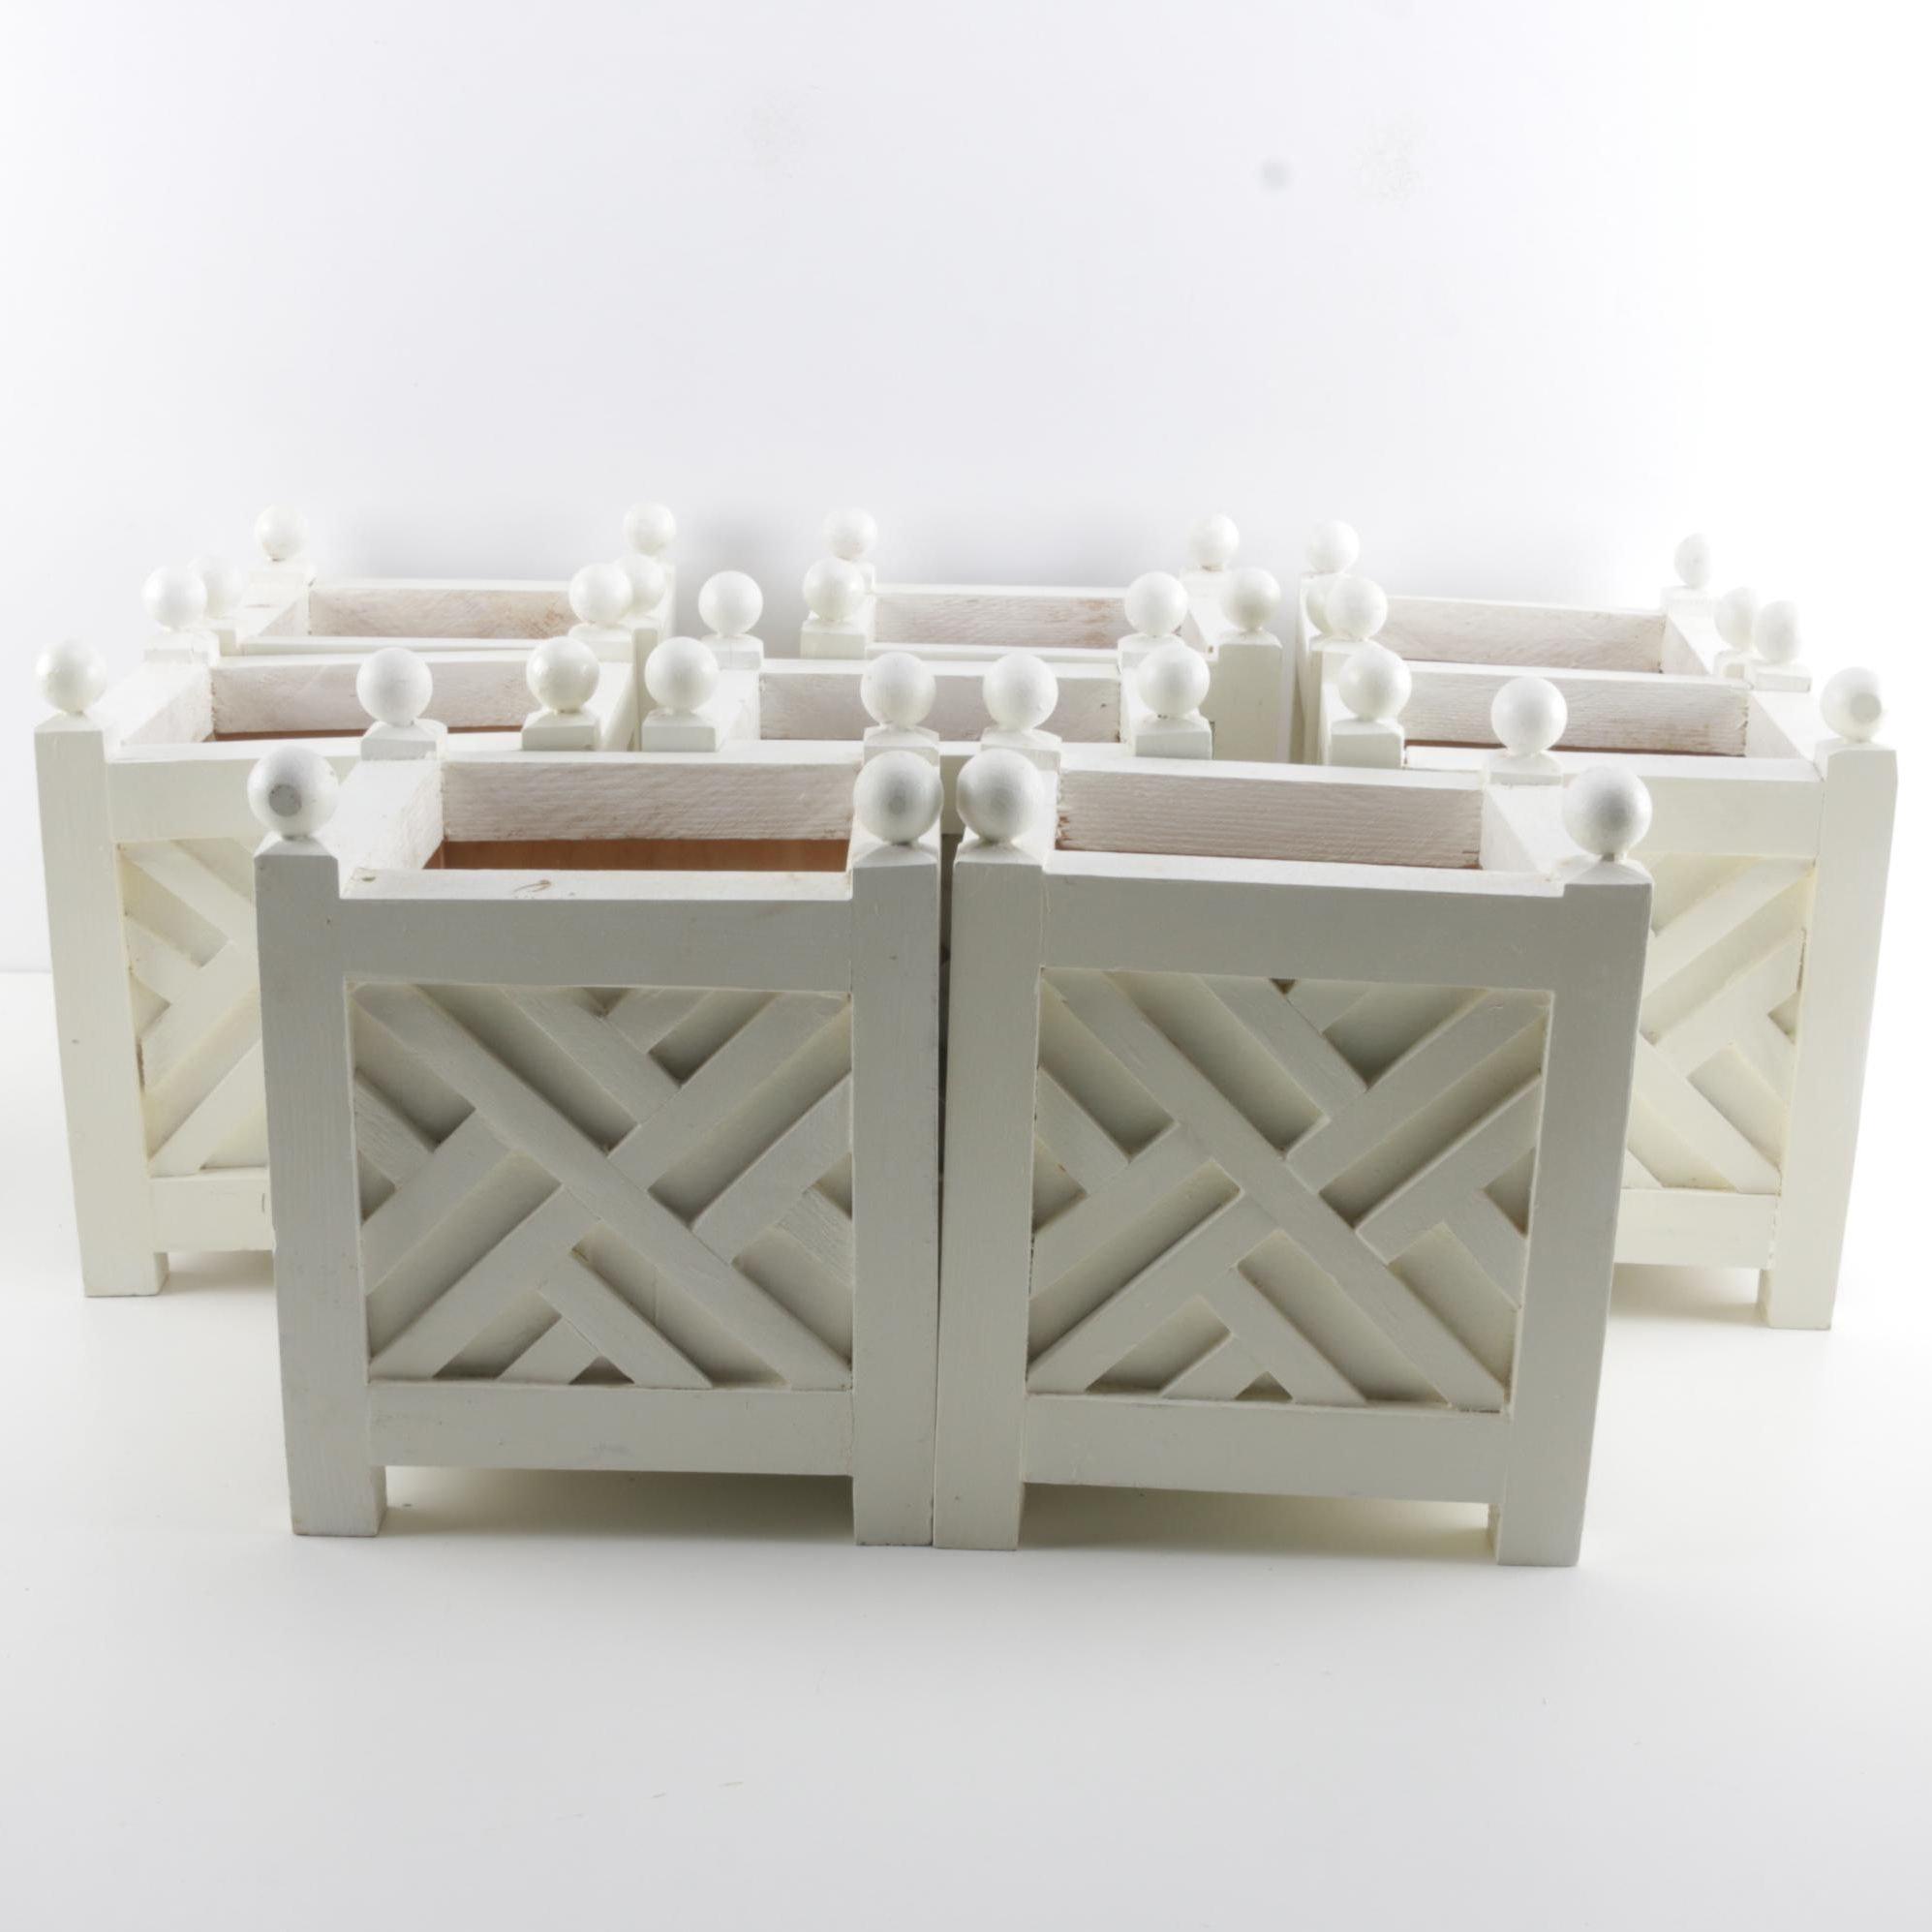 White Wooden Planter Boxes Ebth